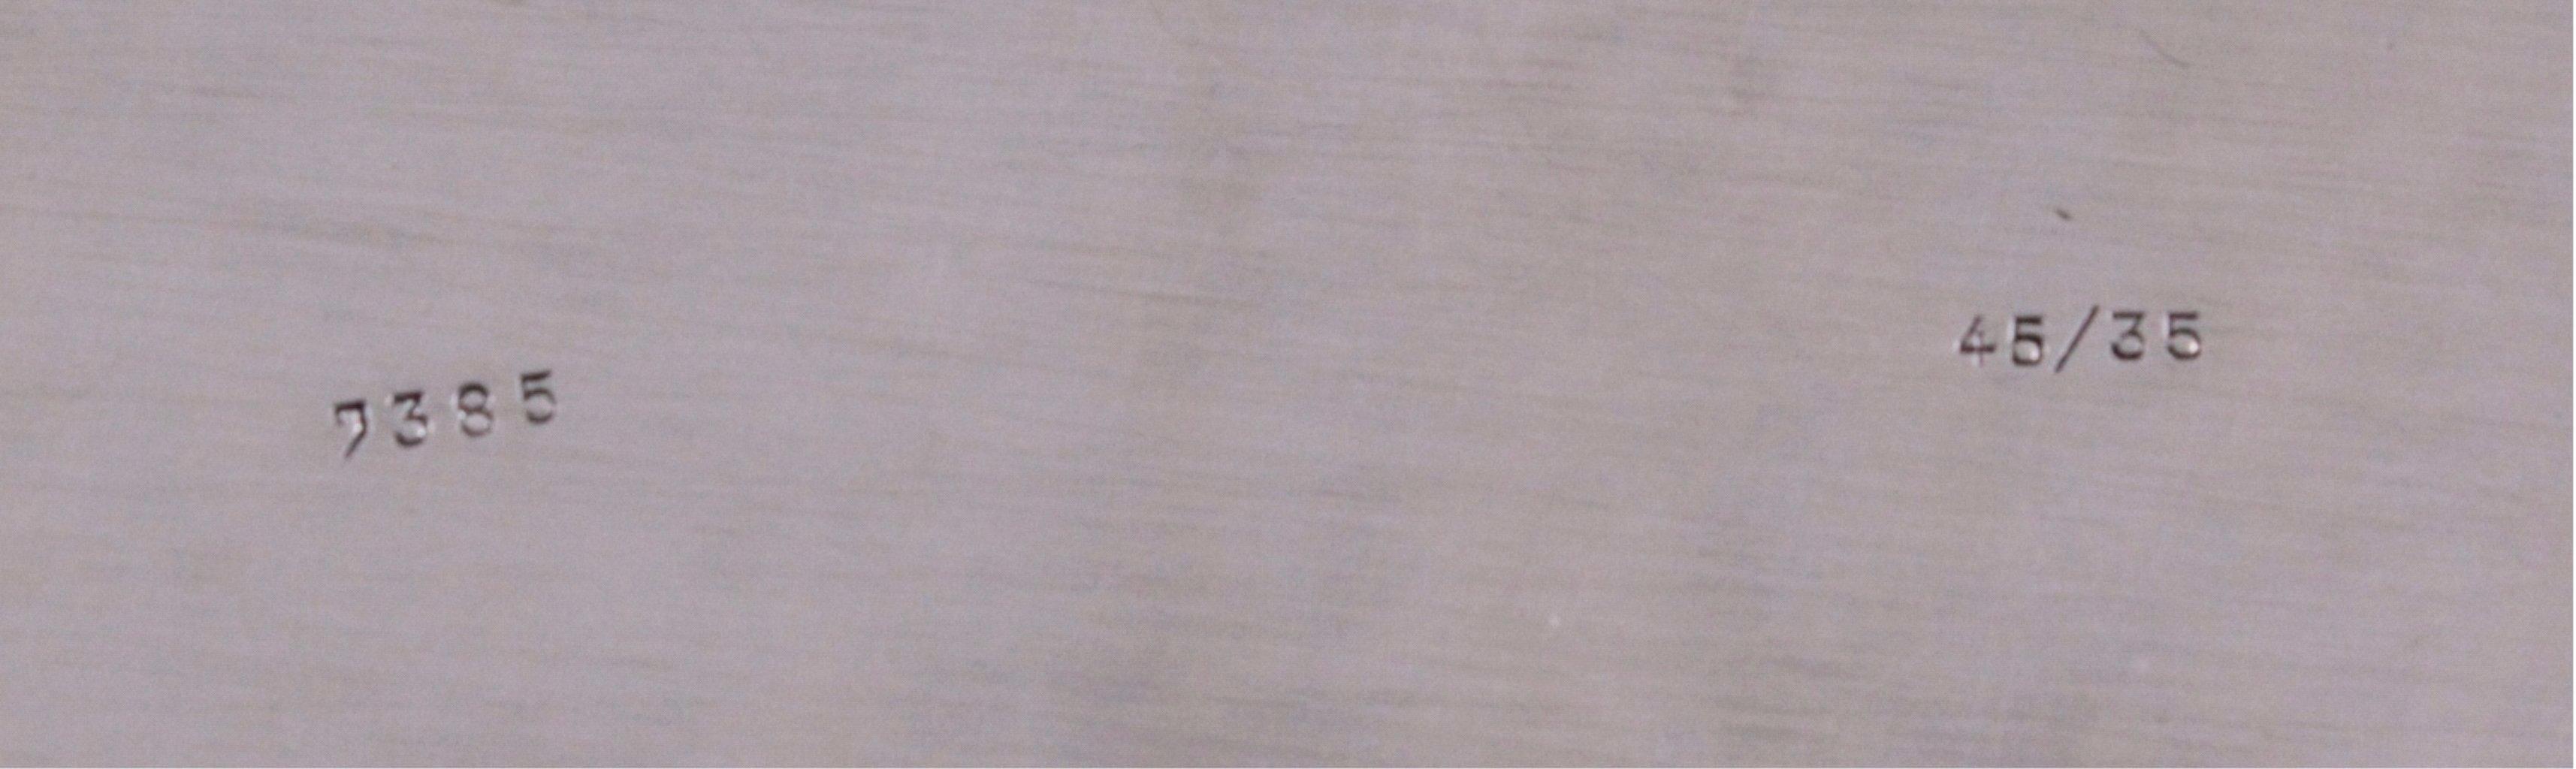 Großes Silbertablett, 830er Silber deutsche Punze-2